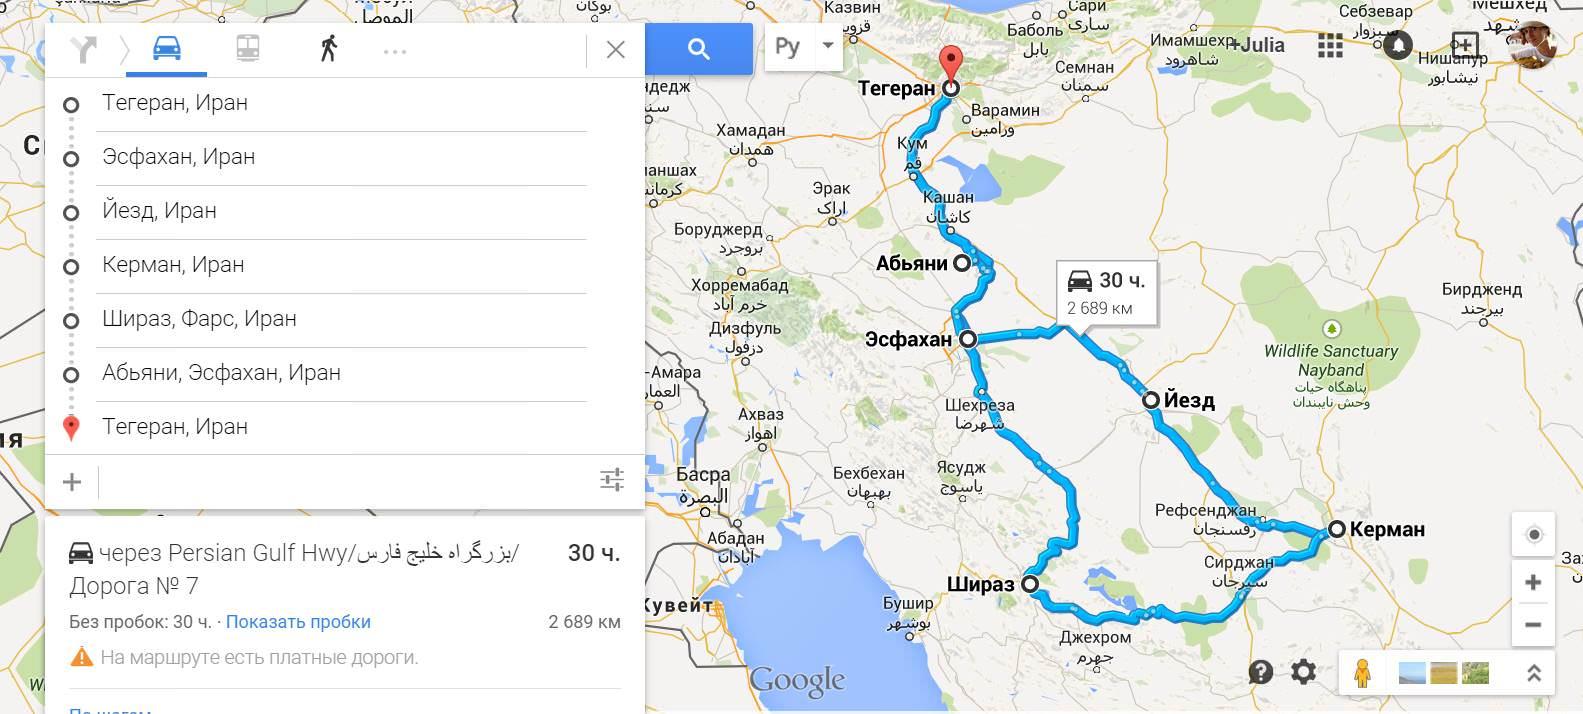 Маршрут по Ирану